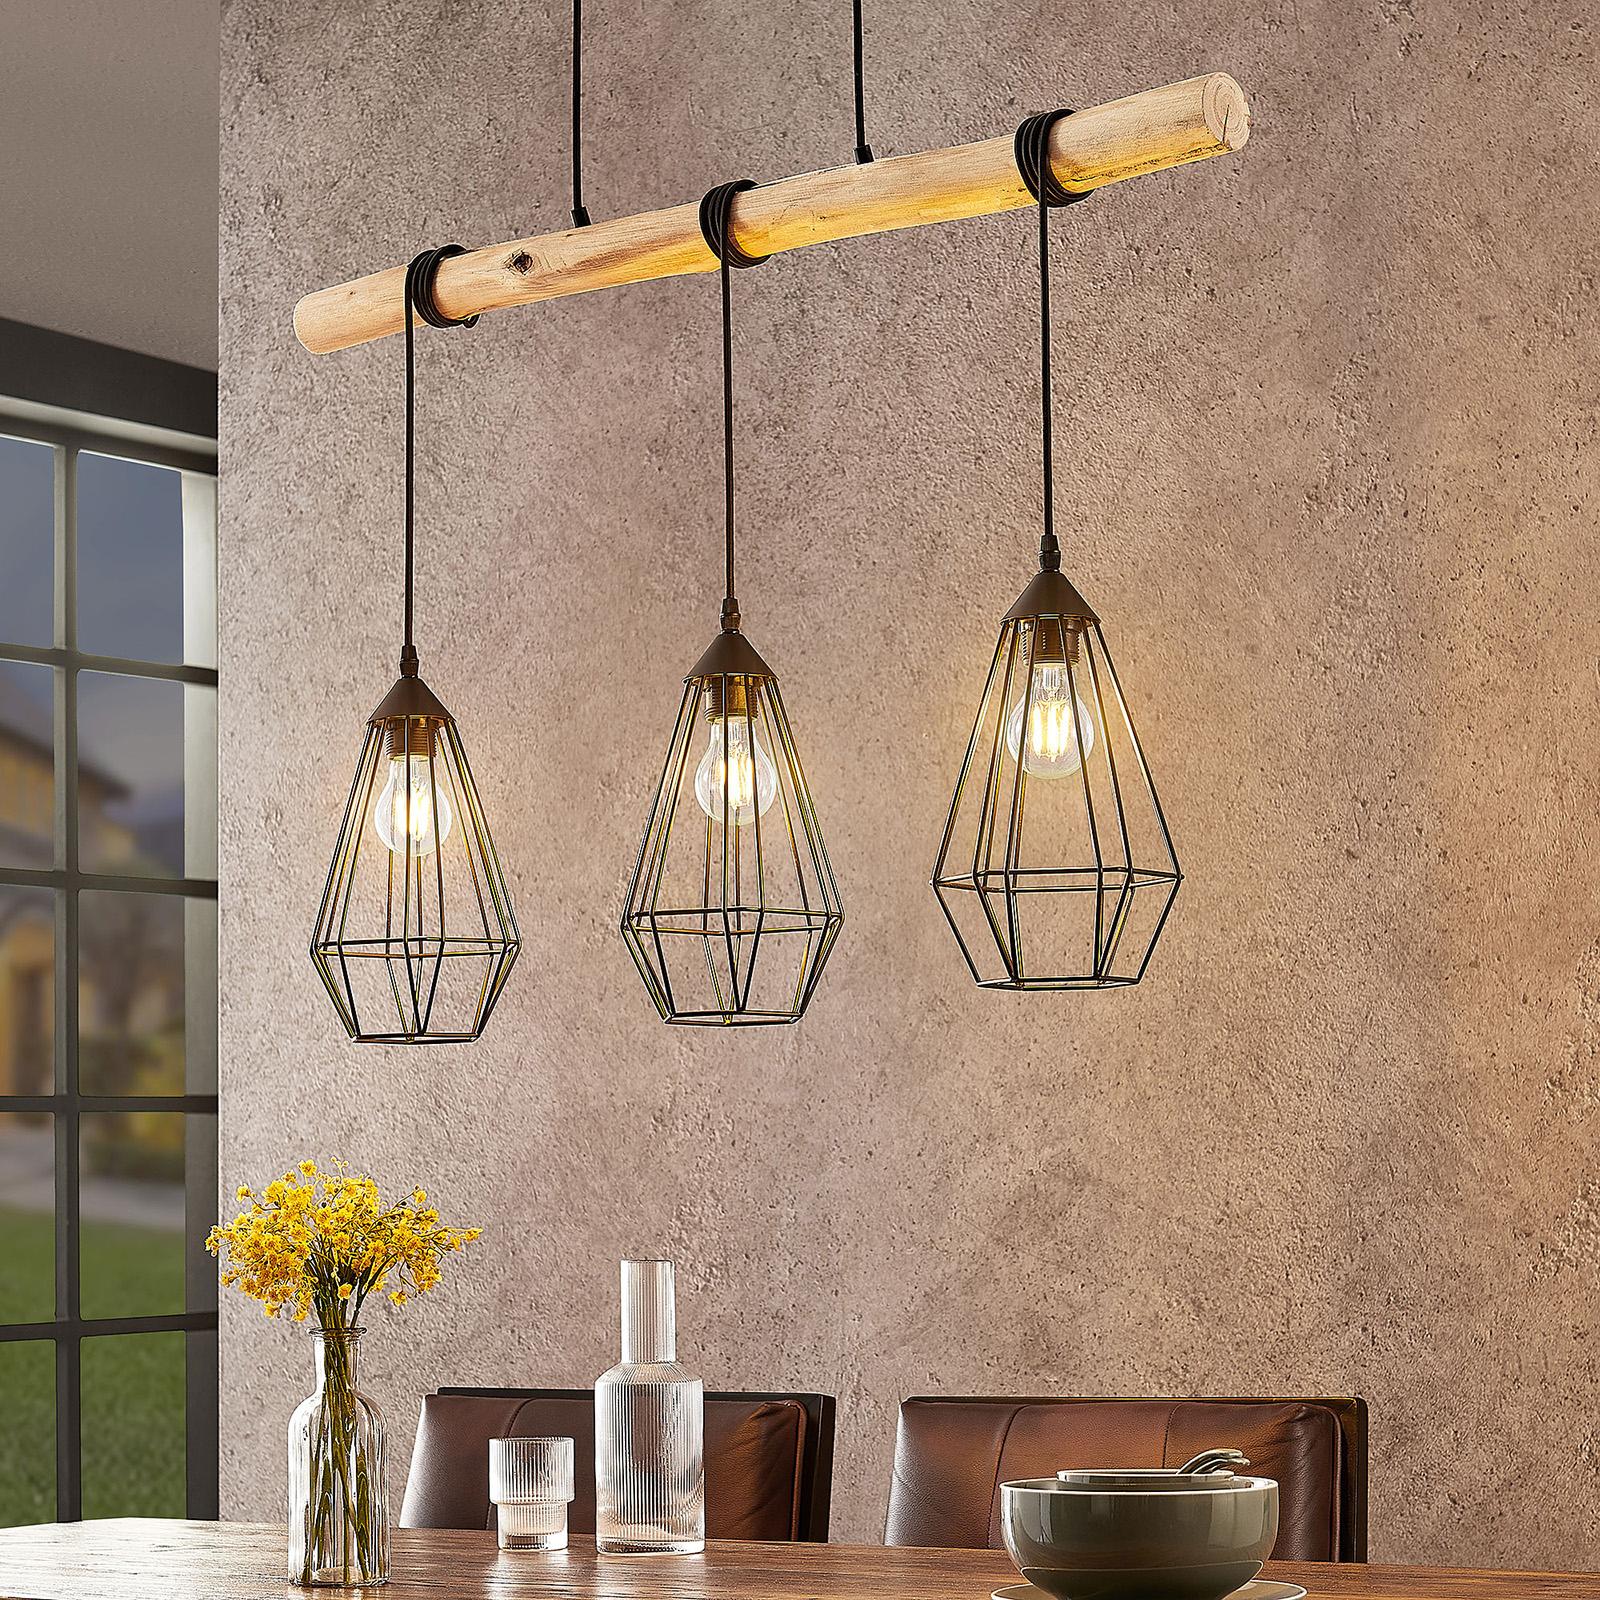 Lindby Eldarion pendellampe med træbjælker, 3 lys.